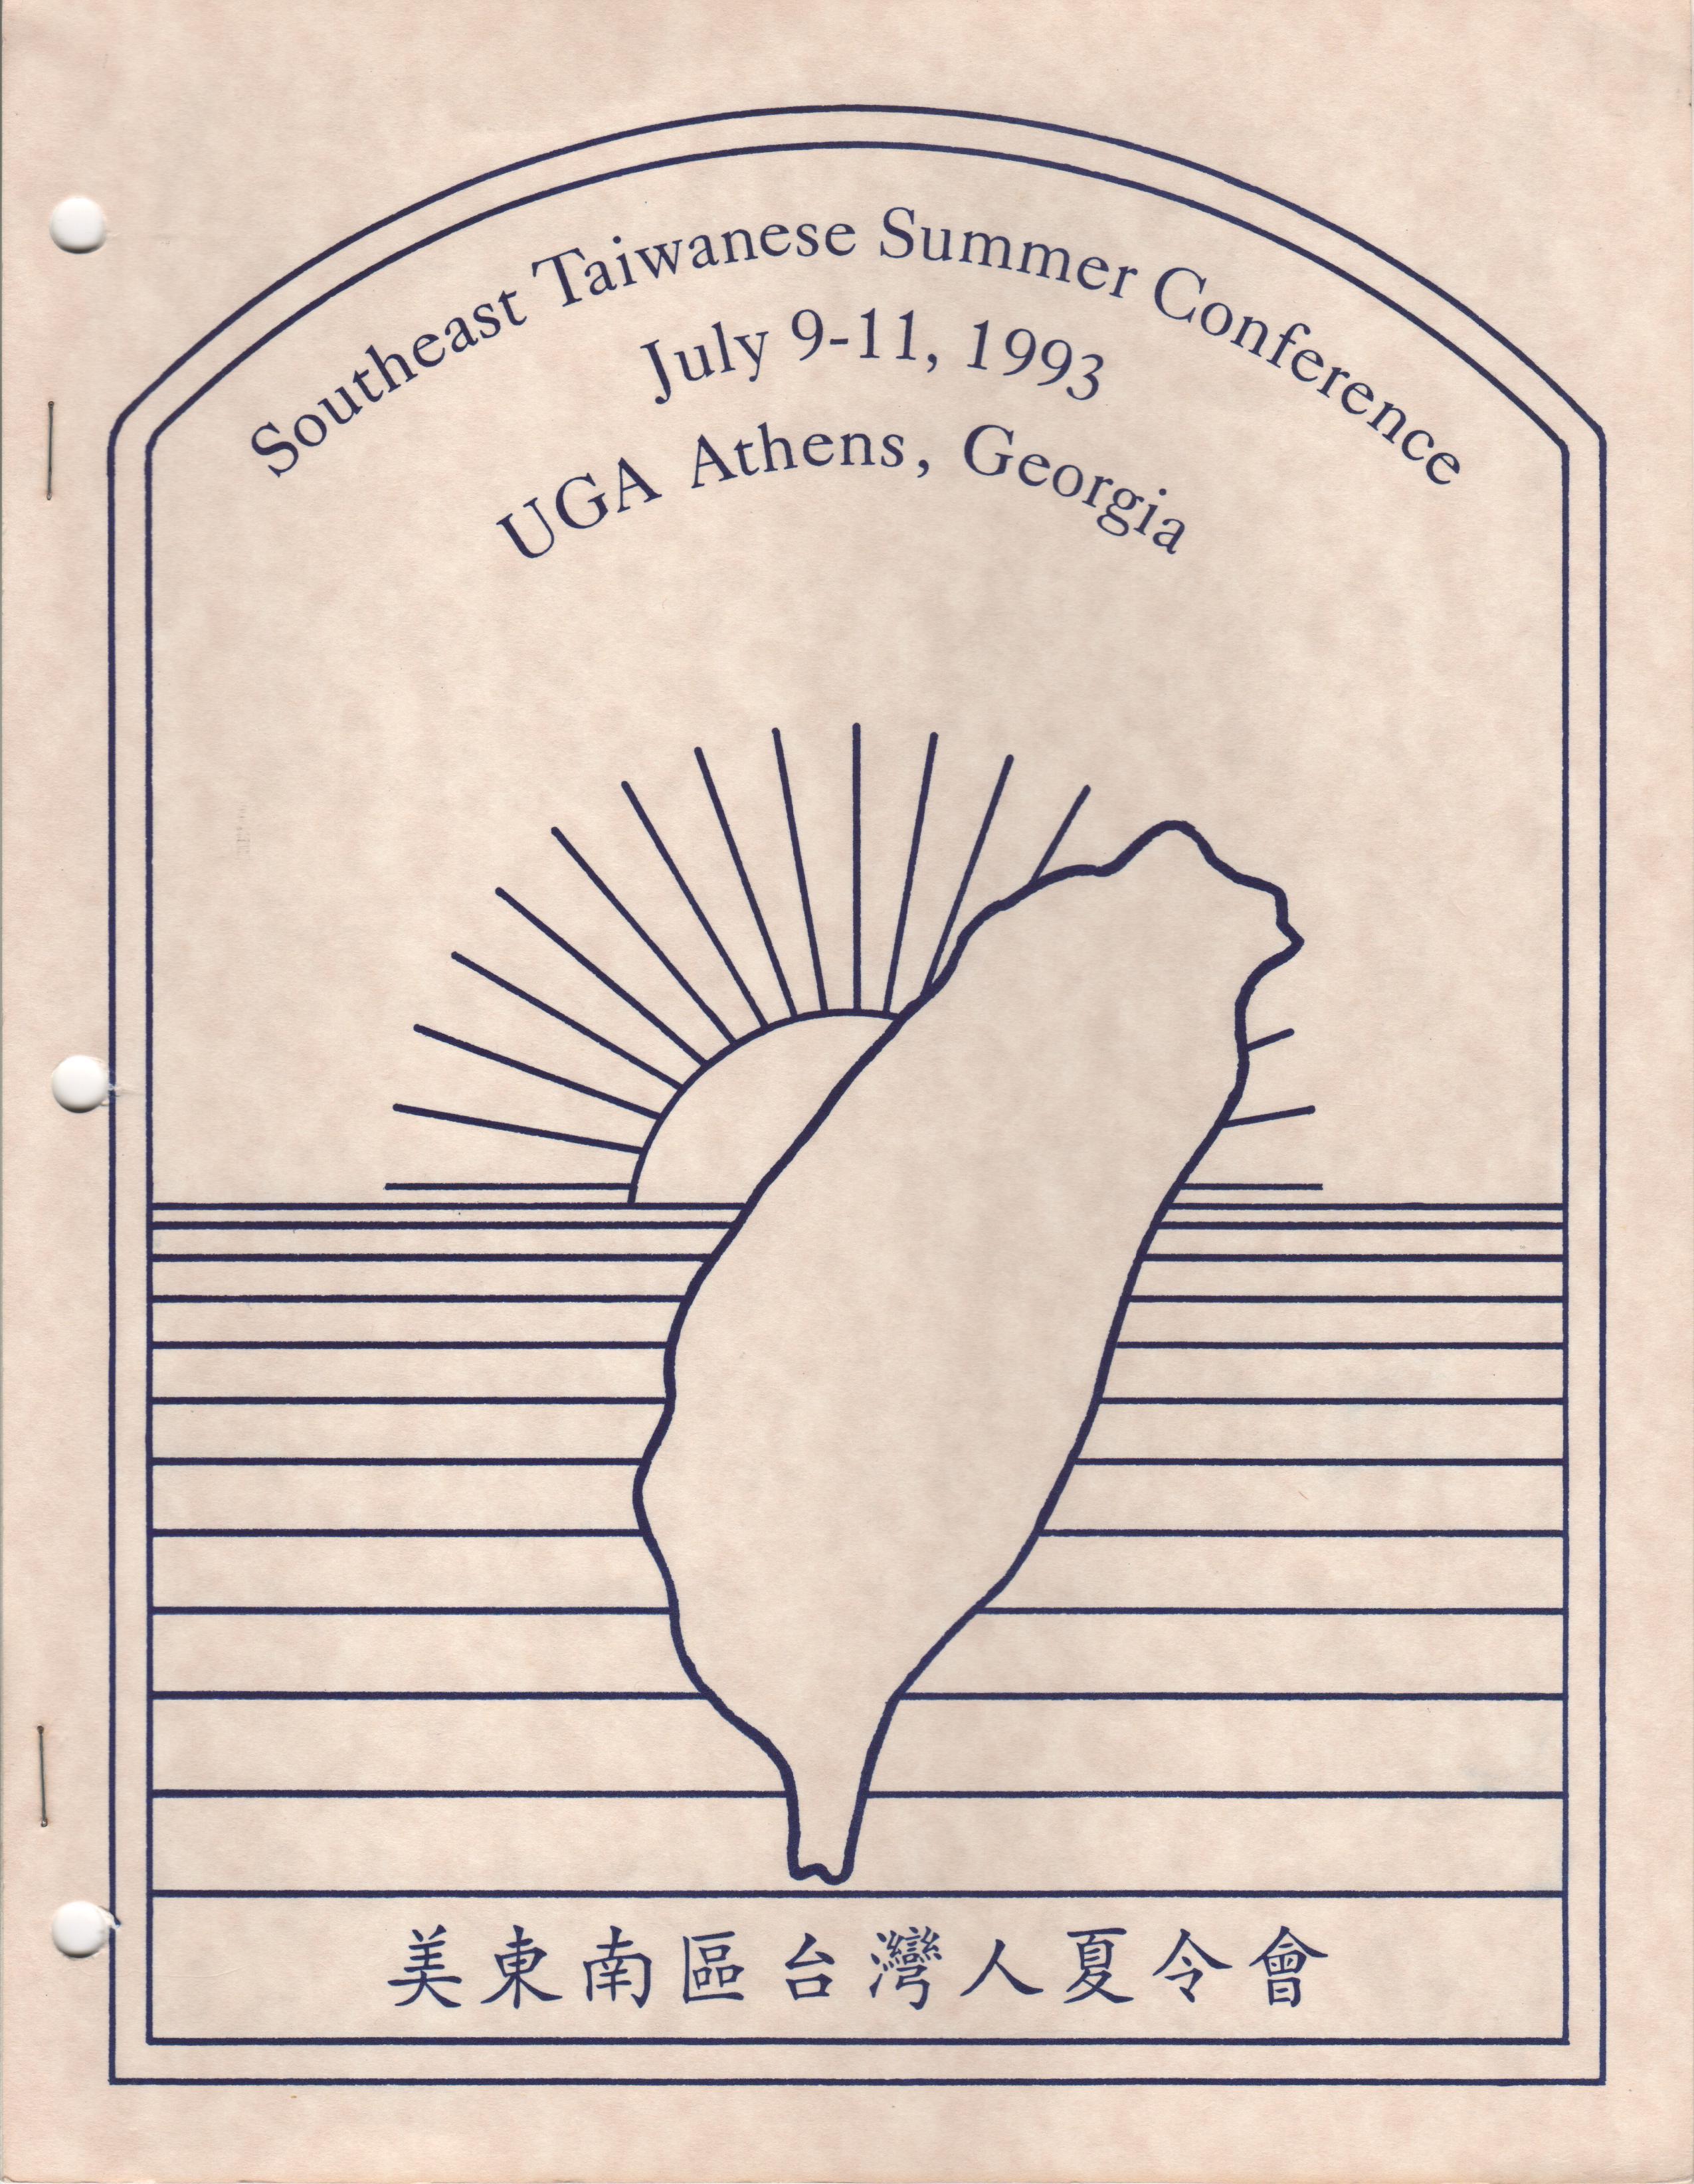 SETAA 1993